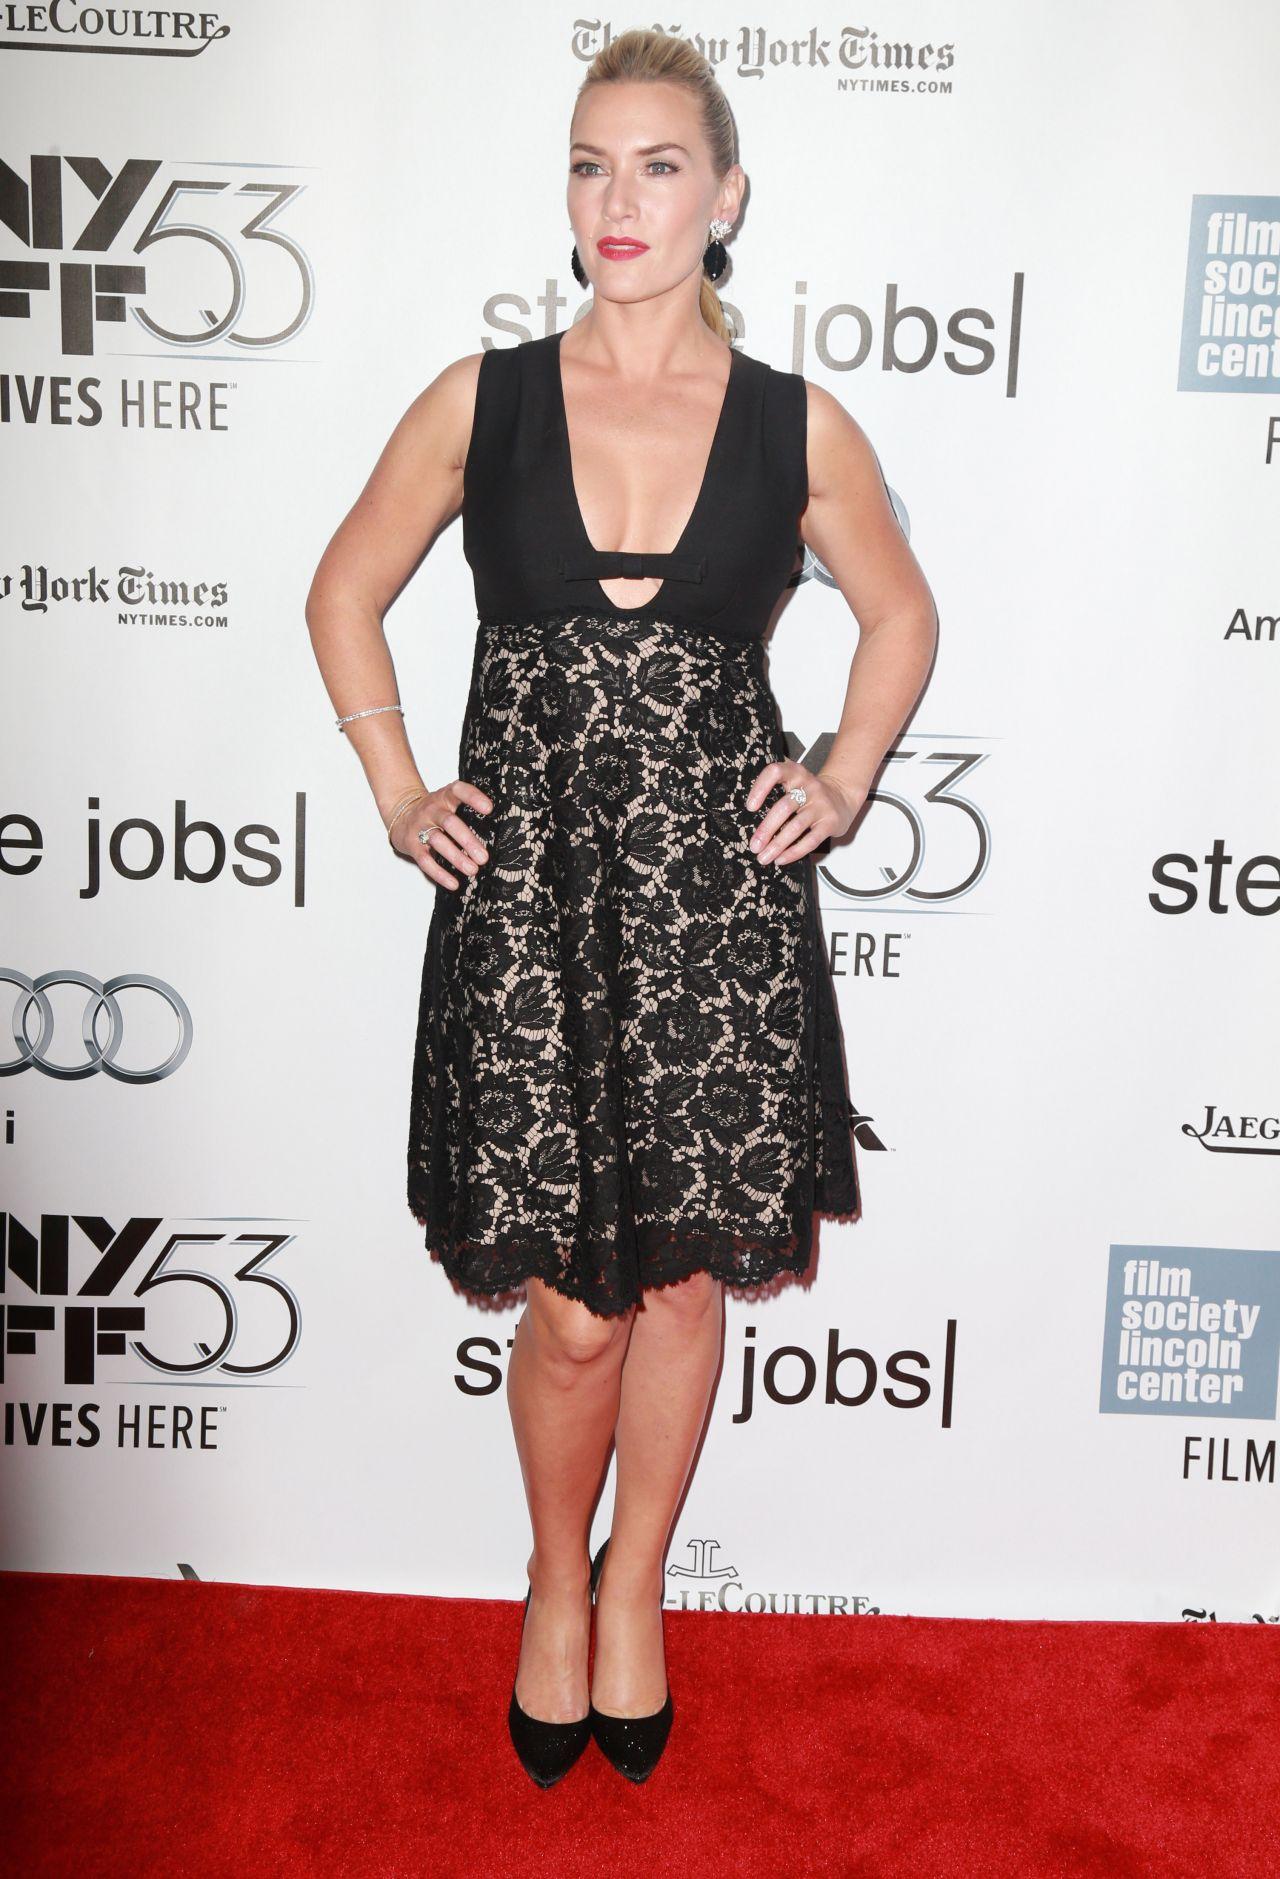 kate-winslet-steve-jobs-premiere-53rd-new-york-film-festival_19